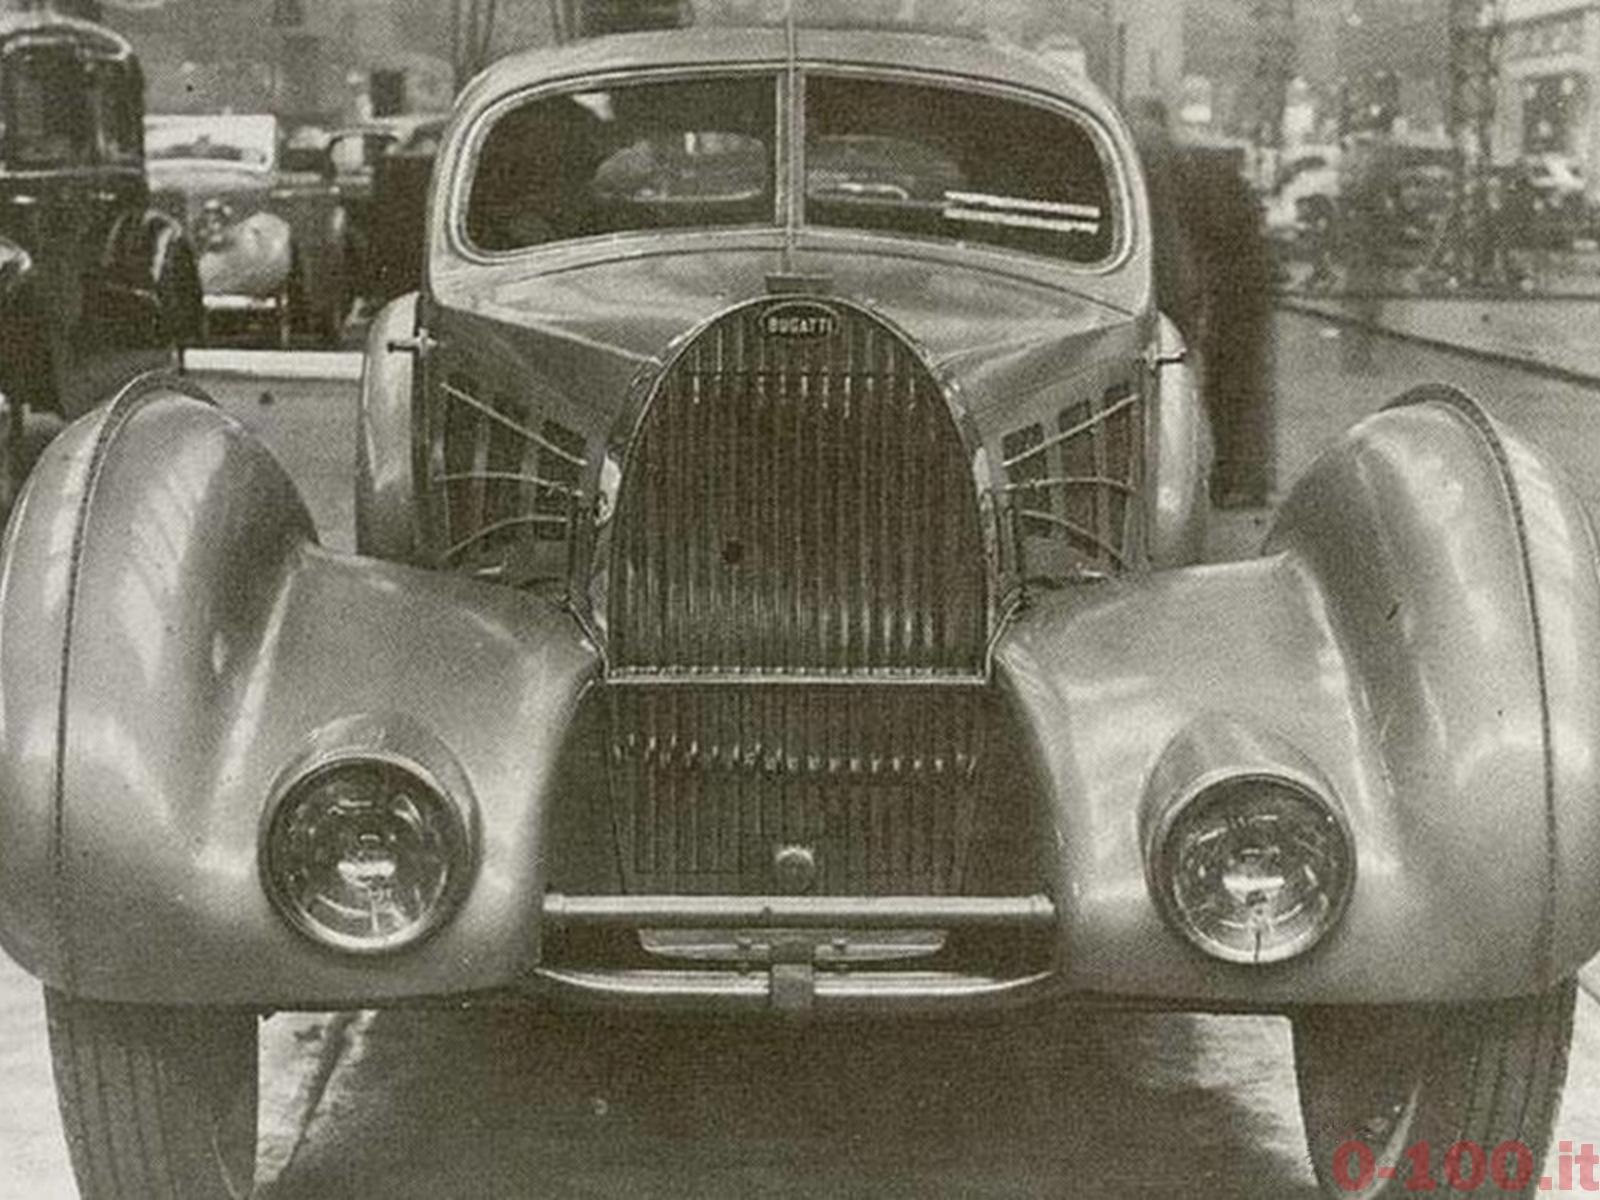 Bugatti_Type_57_Aerolithe_electron_1935_4